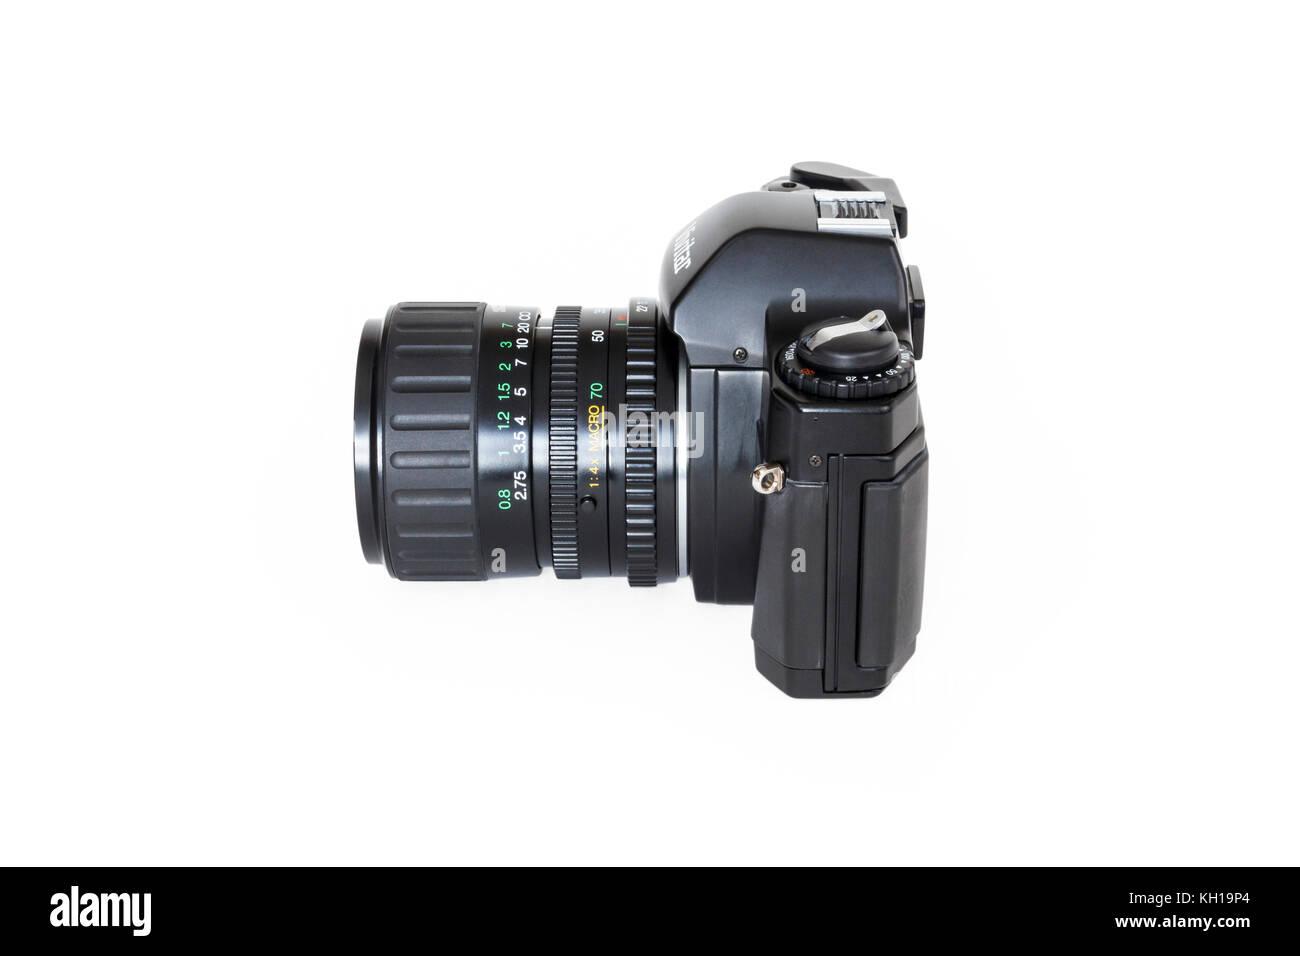 Vivitar V2000 SLR 35mm roll film camera, 28-70mm zoom lens, 1980s, isolated against a white background - Stock Image